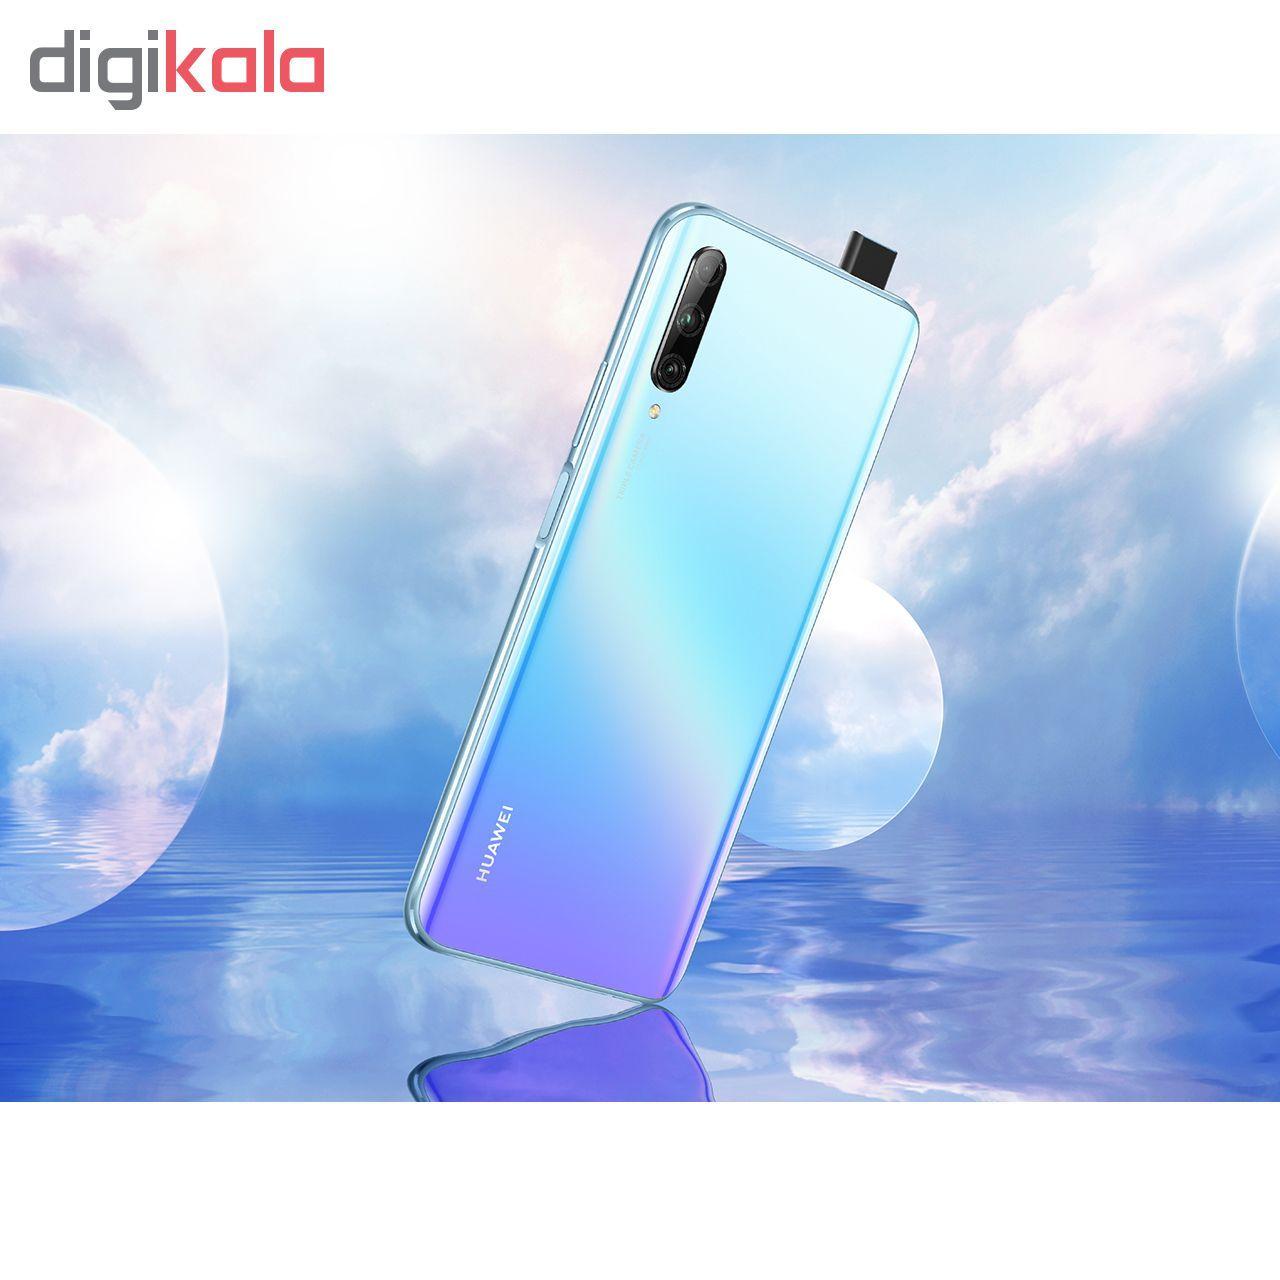 گوشی موبایل هوآوی مدل Y9s STK-L21 دو سیم کارت ظرفیت 128 گیگابایت main 1 13